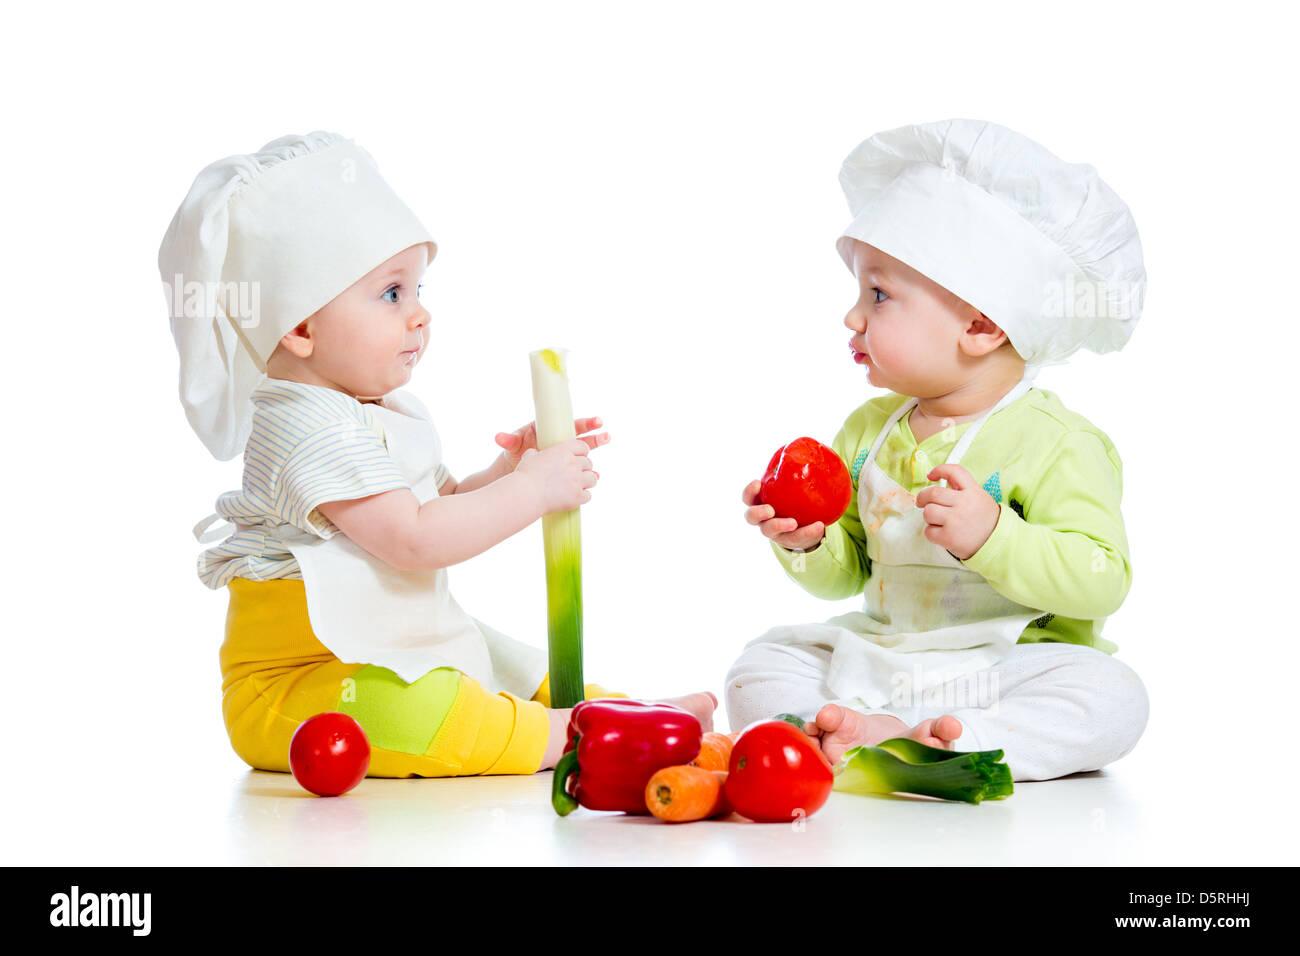 Los bebés chico y chica vistiendo un sombrero de chef con alimentos  saludables verduras Imagen De dd049da3fcf6